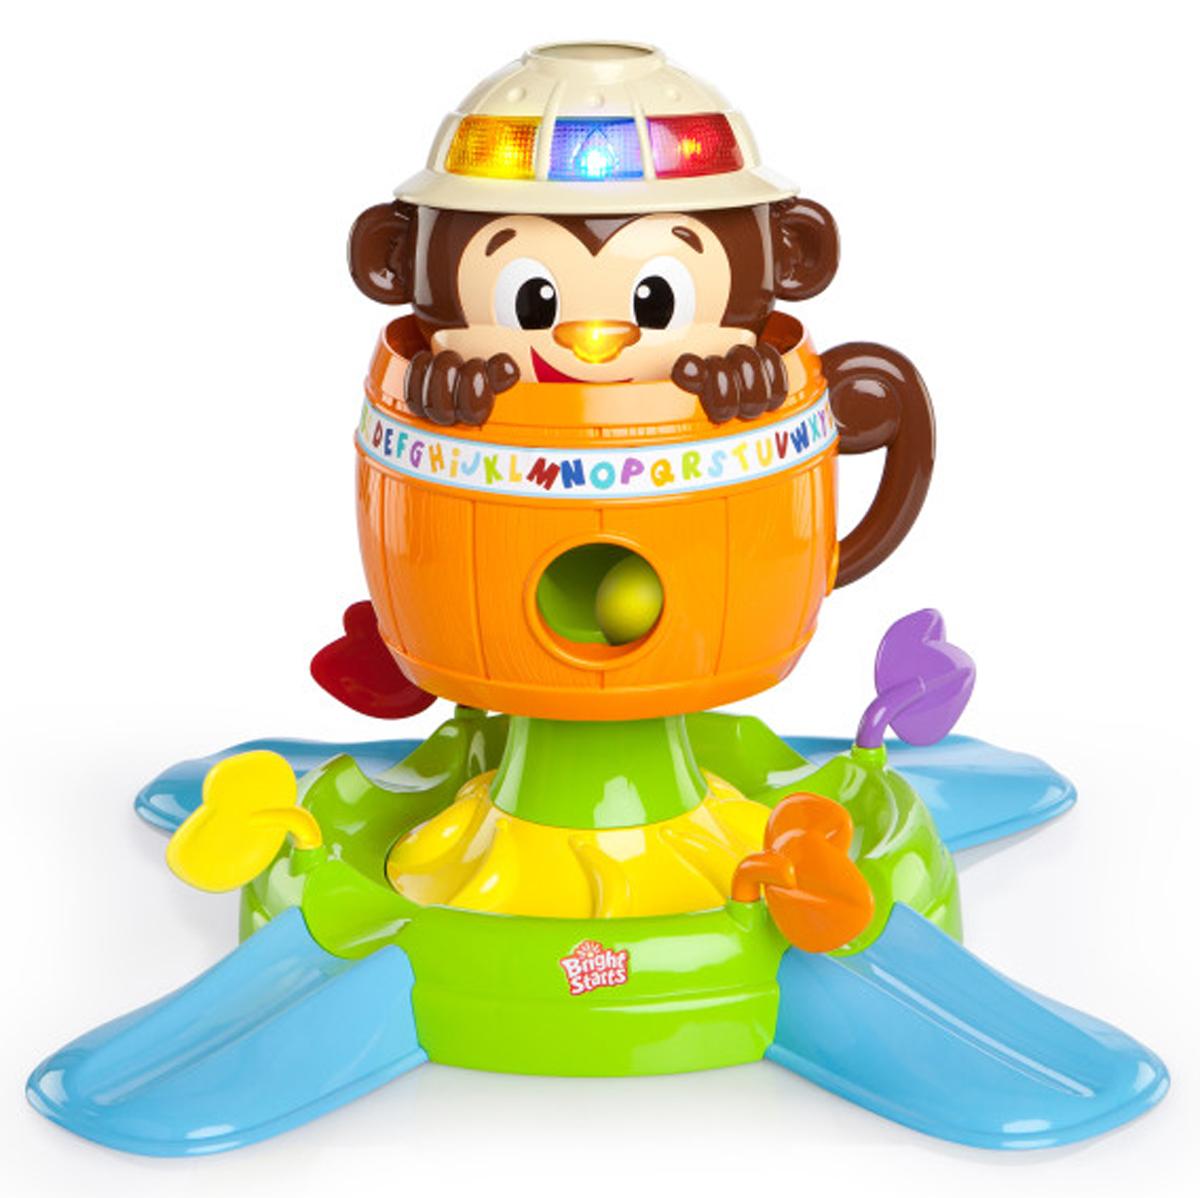 Bright Starts Развивающая игрушка Обезьянка в бочке52094Развивающая игрушка Bright Starts Обезьянка в бочке научит вашего малыша распознавать цвета и геометрические формы. Это прекрасная игрушка для малышей, только начинающих сидеть, ползать, стоять и уже умеющих ходить. В комплекте с обезьянкой идут 5 шариков, которые малыш должен забрасывать в специальные отверстия. Если ребенок нажмет на нос обезьянки, она будет прятаться в своей бочке, а шарики упадут в нижний лоток, где они будут вращаться по кругу. Bright Starts - это торговая марка американской компании Kids II, которая появилась на свет в 1969 году. Несмотря на давнюю широкую известность в Америке и странах Европы, для российского рынка Bright Starts относительной новый бренд. Однако, не смотря на это, он уже успел приобрести значительную популярность. Наиболее востребованные в России кресла-качалки и развивающие коврики. Эти товары призваны окружить малышей вниманием и забавлять их с первых месяцев жизни. Благодаря чему родители получают возможность выкроить...